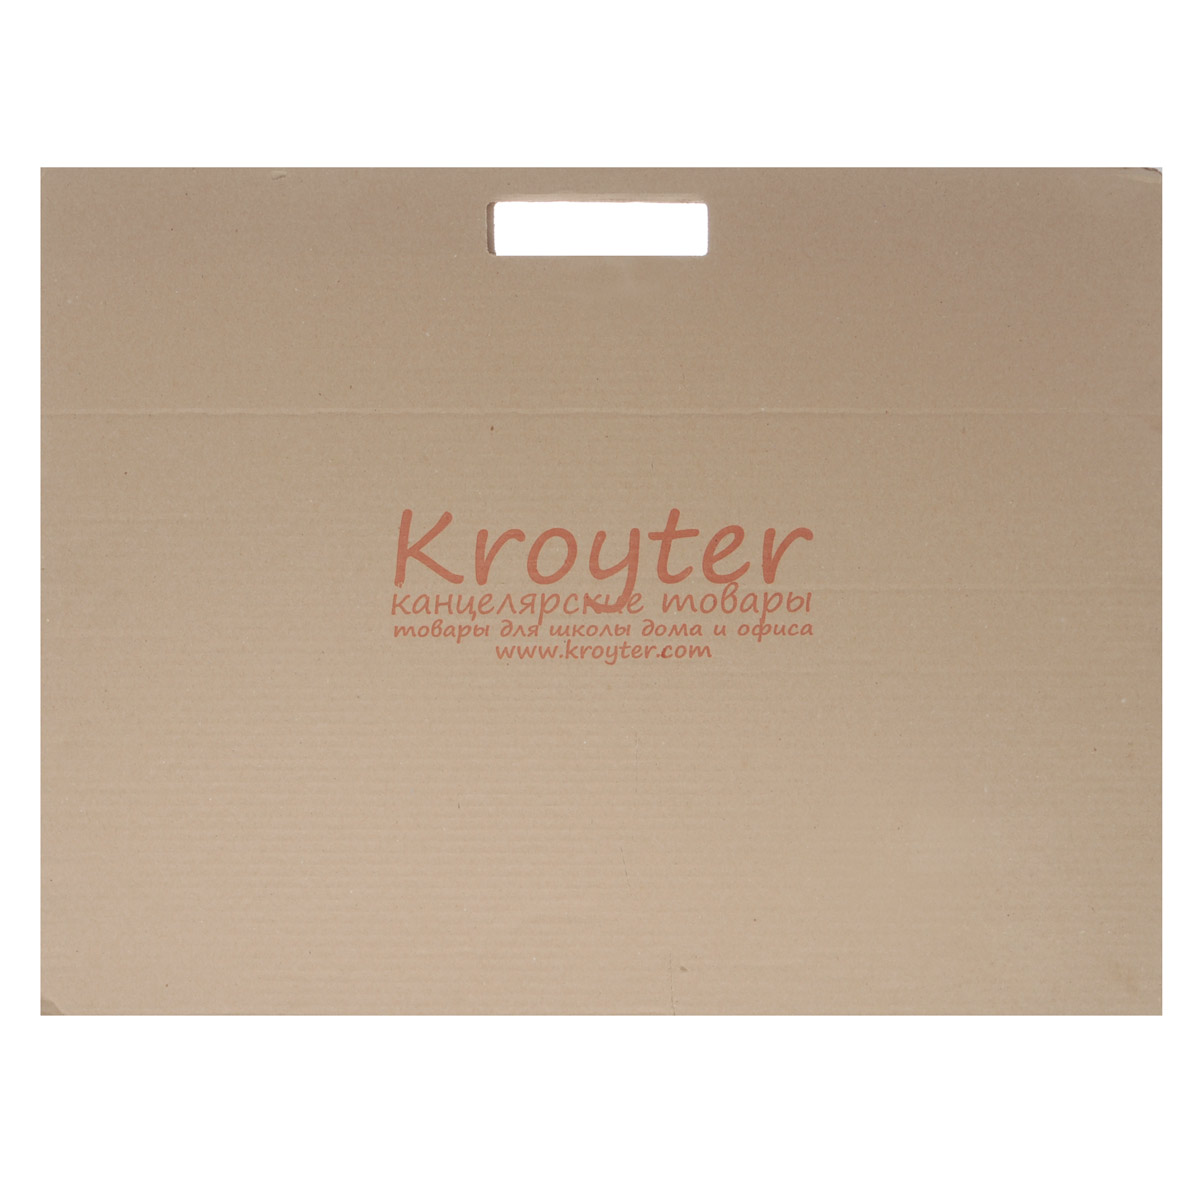 Папка для черчения Kroyter, 10 листов, формат А22010440Папка для черчения Kroyter содержит 10 листов плотной бумаги, предназначенной для черчения и рисования водорастворимыми красками, карандашами, мелками, ручками. Не рекомендуется для масляных красок.Обложка выполнена из гофрированного картона в виде папки-переноски с ручками, такой вариант позволяет переносить бумагу без повреждений или хранить в ней уже выполненные работы.Формат: А2 (420 х 594).